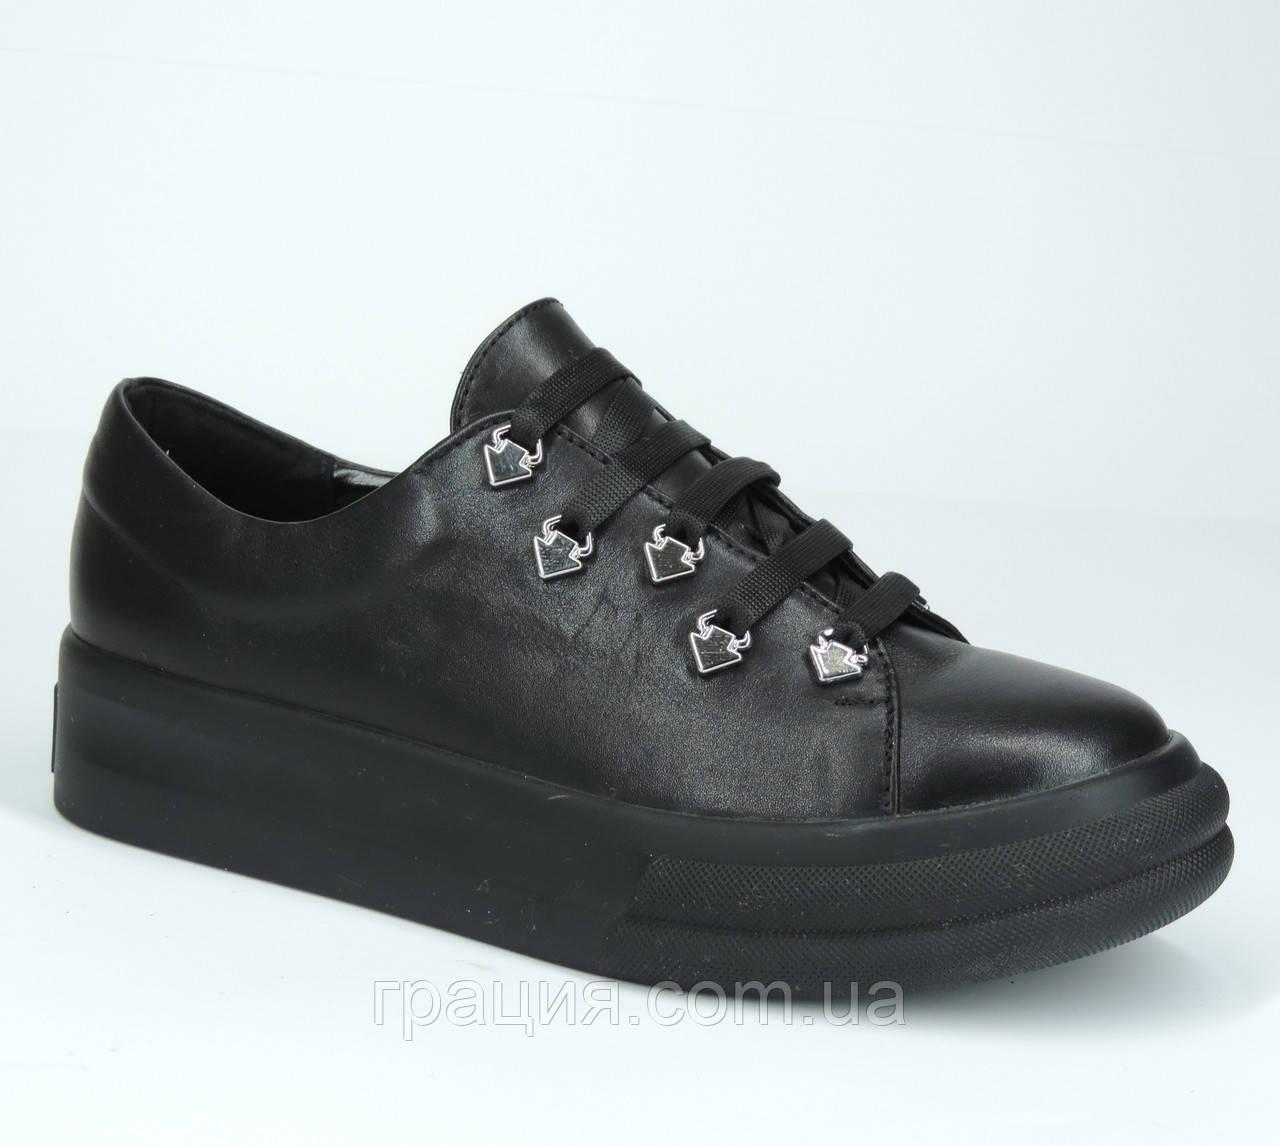 Туфлі жіночі шкіряні зі шнурівкою